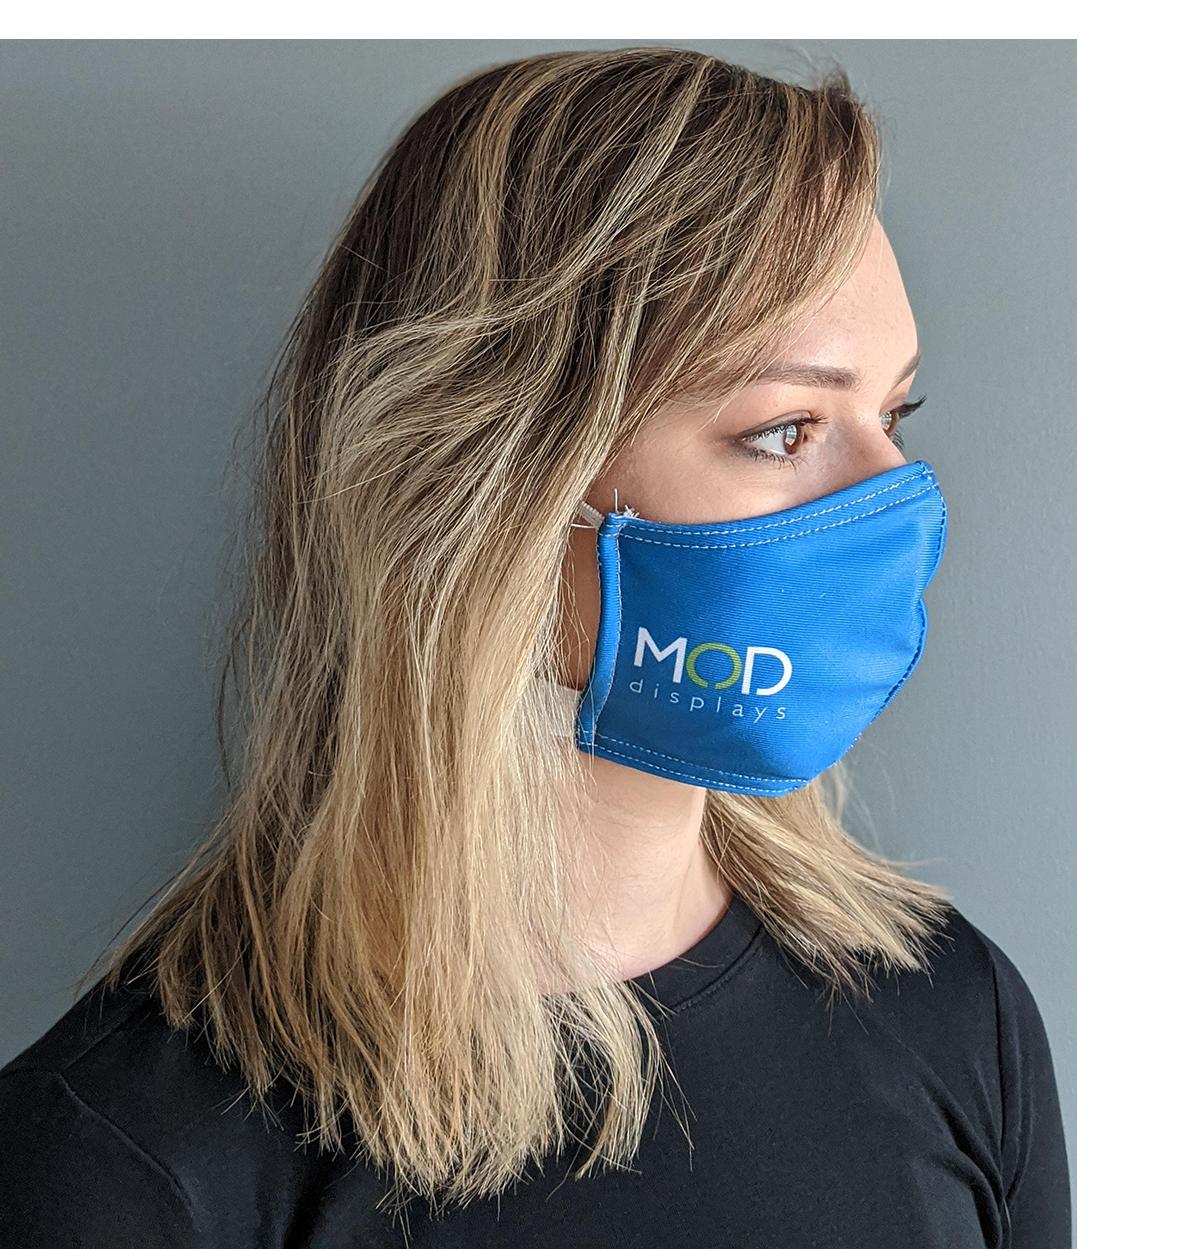 24 Pack of Branded Face Masks